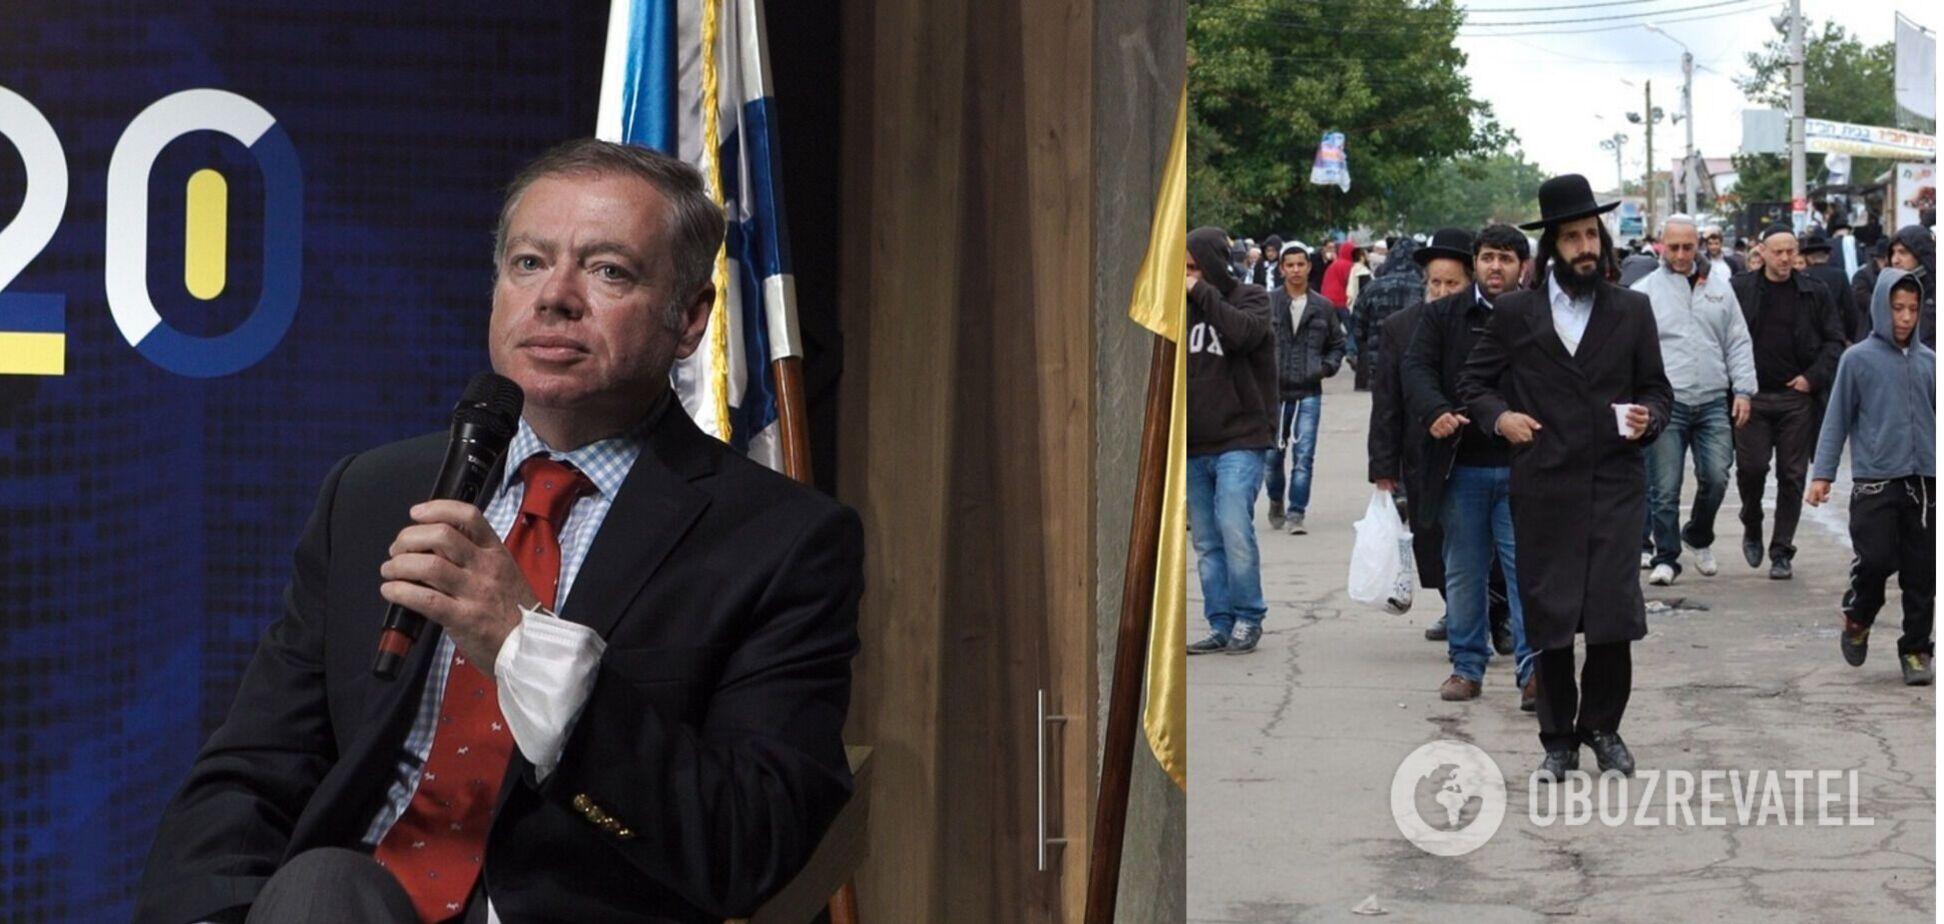 Українська влада вжила безпрецедентних заходів для забезпечення безпечного паломництва хасидів, розповів Корнійчук